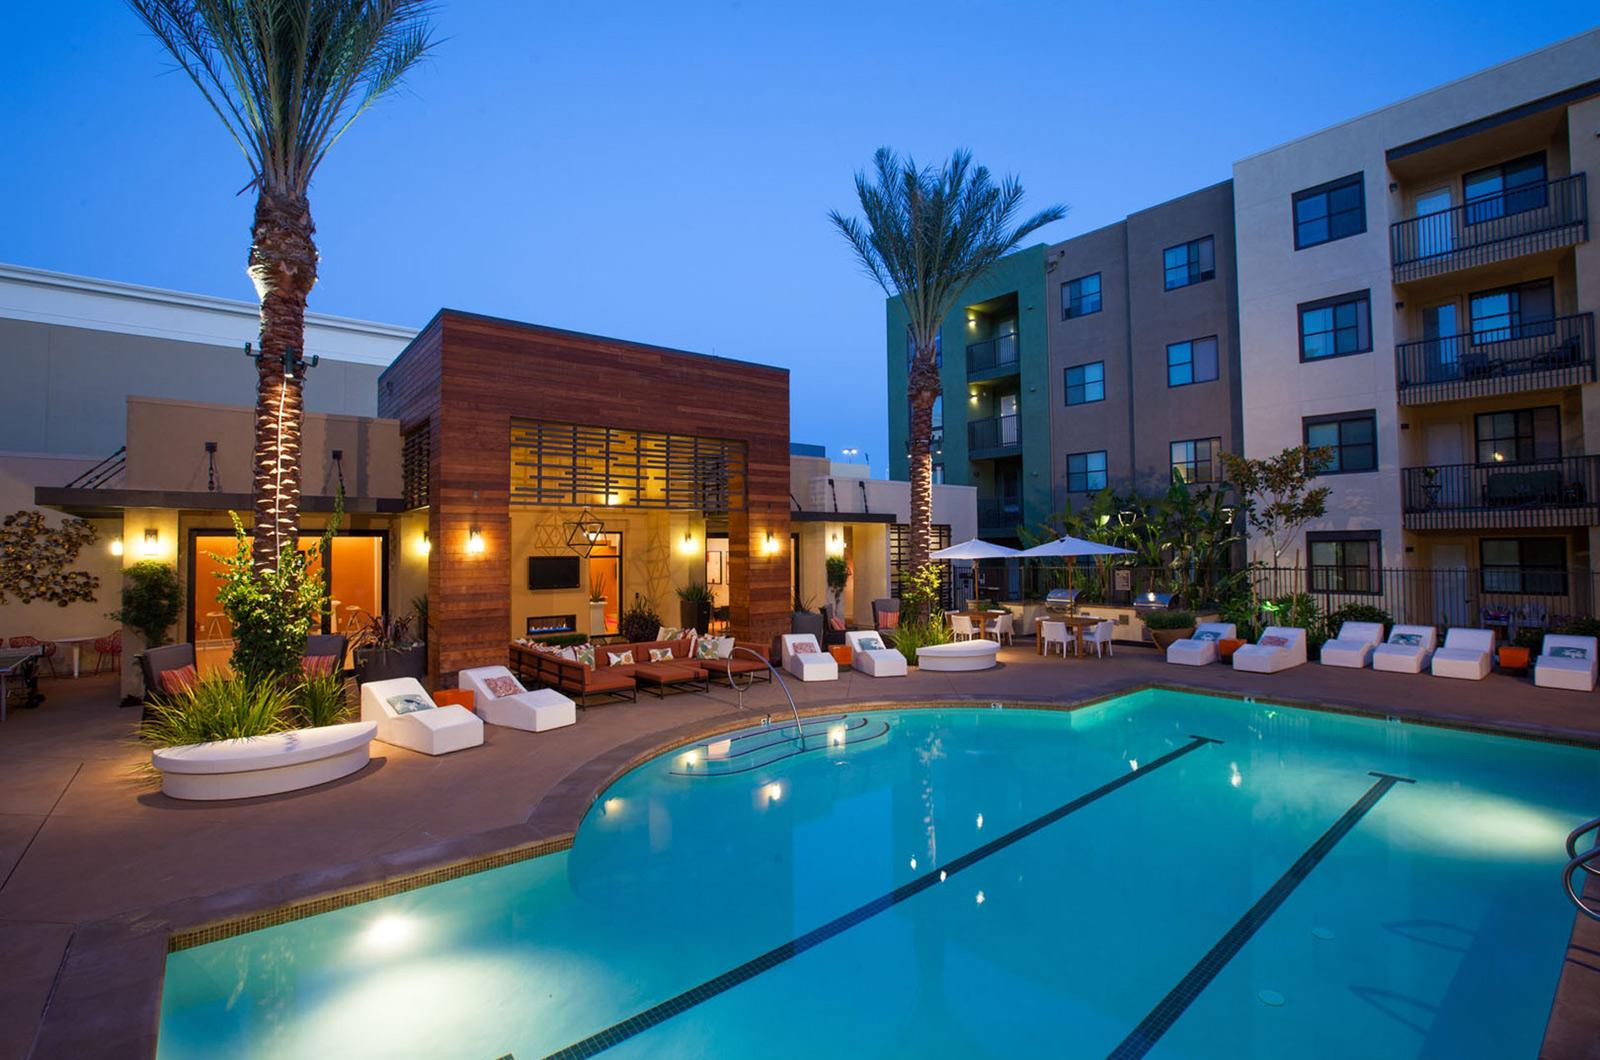 Best Kitchen Gallery: Terrena Apartments In Northridge Ca Rentals In Northridge Ca of Model Homes In Northridge California on rachelxblog.com